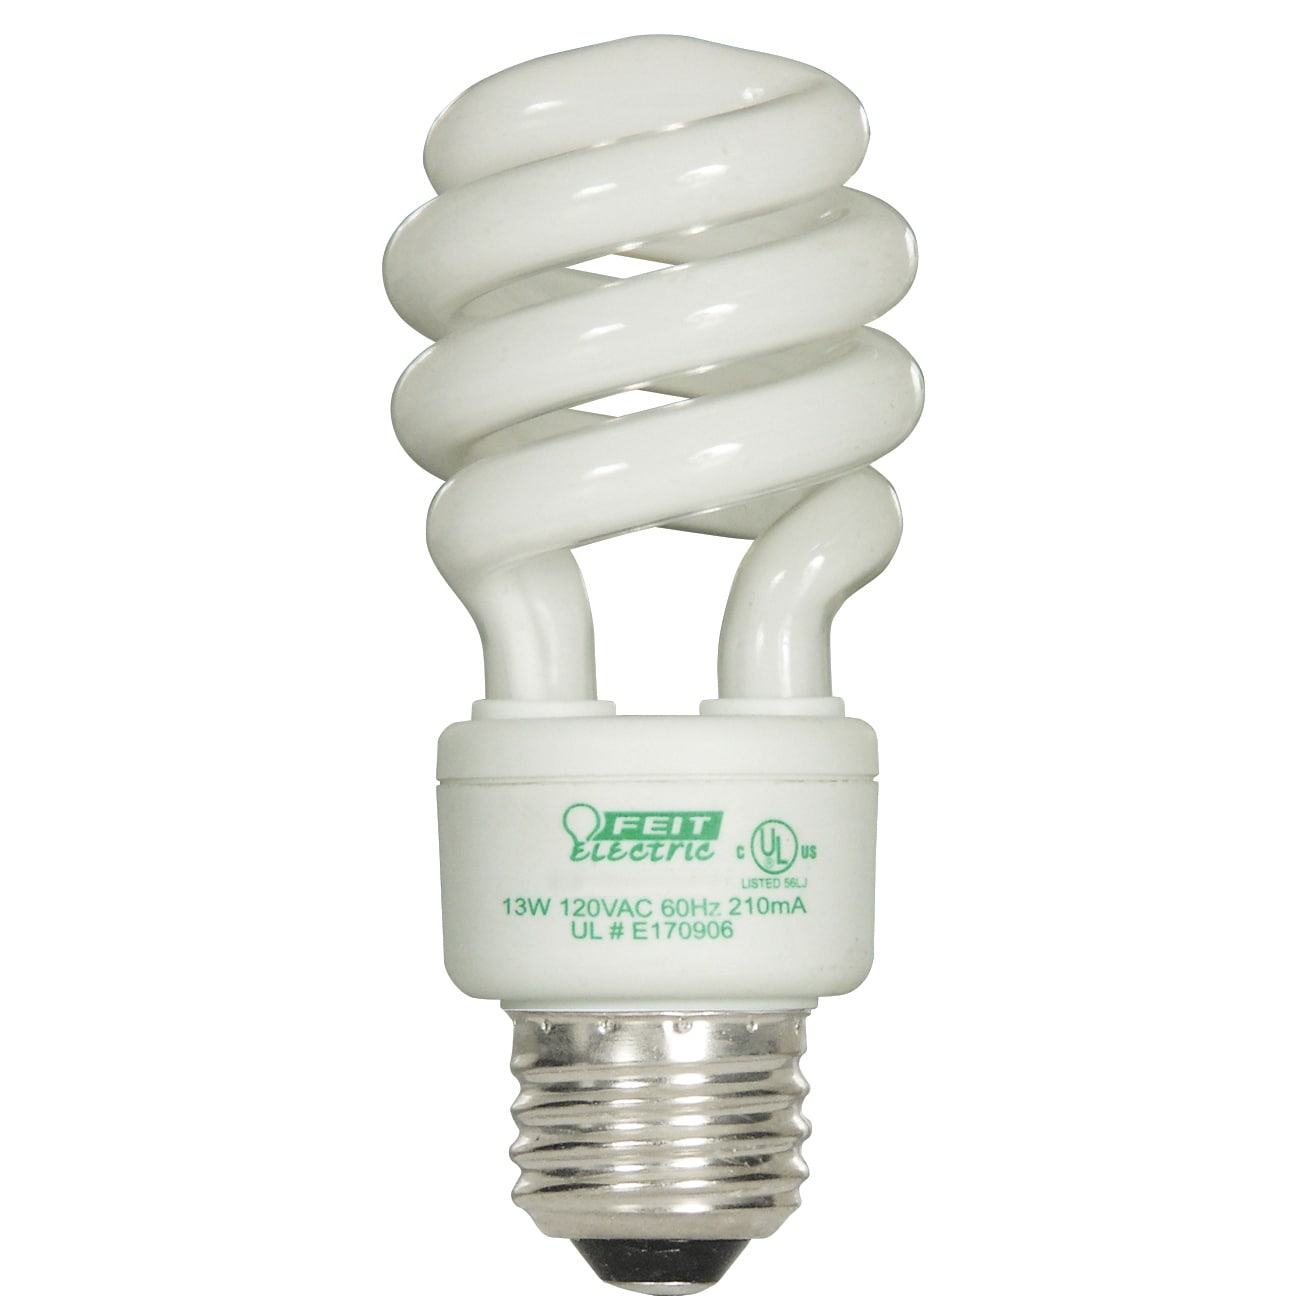 FEIT Electric ESL13T/D/4 13 Watt Daylight Mini Twist Ligh...